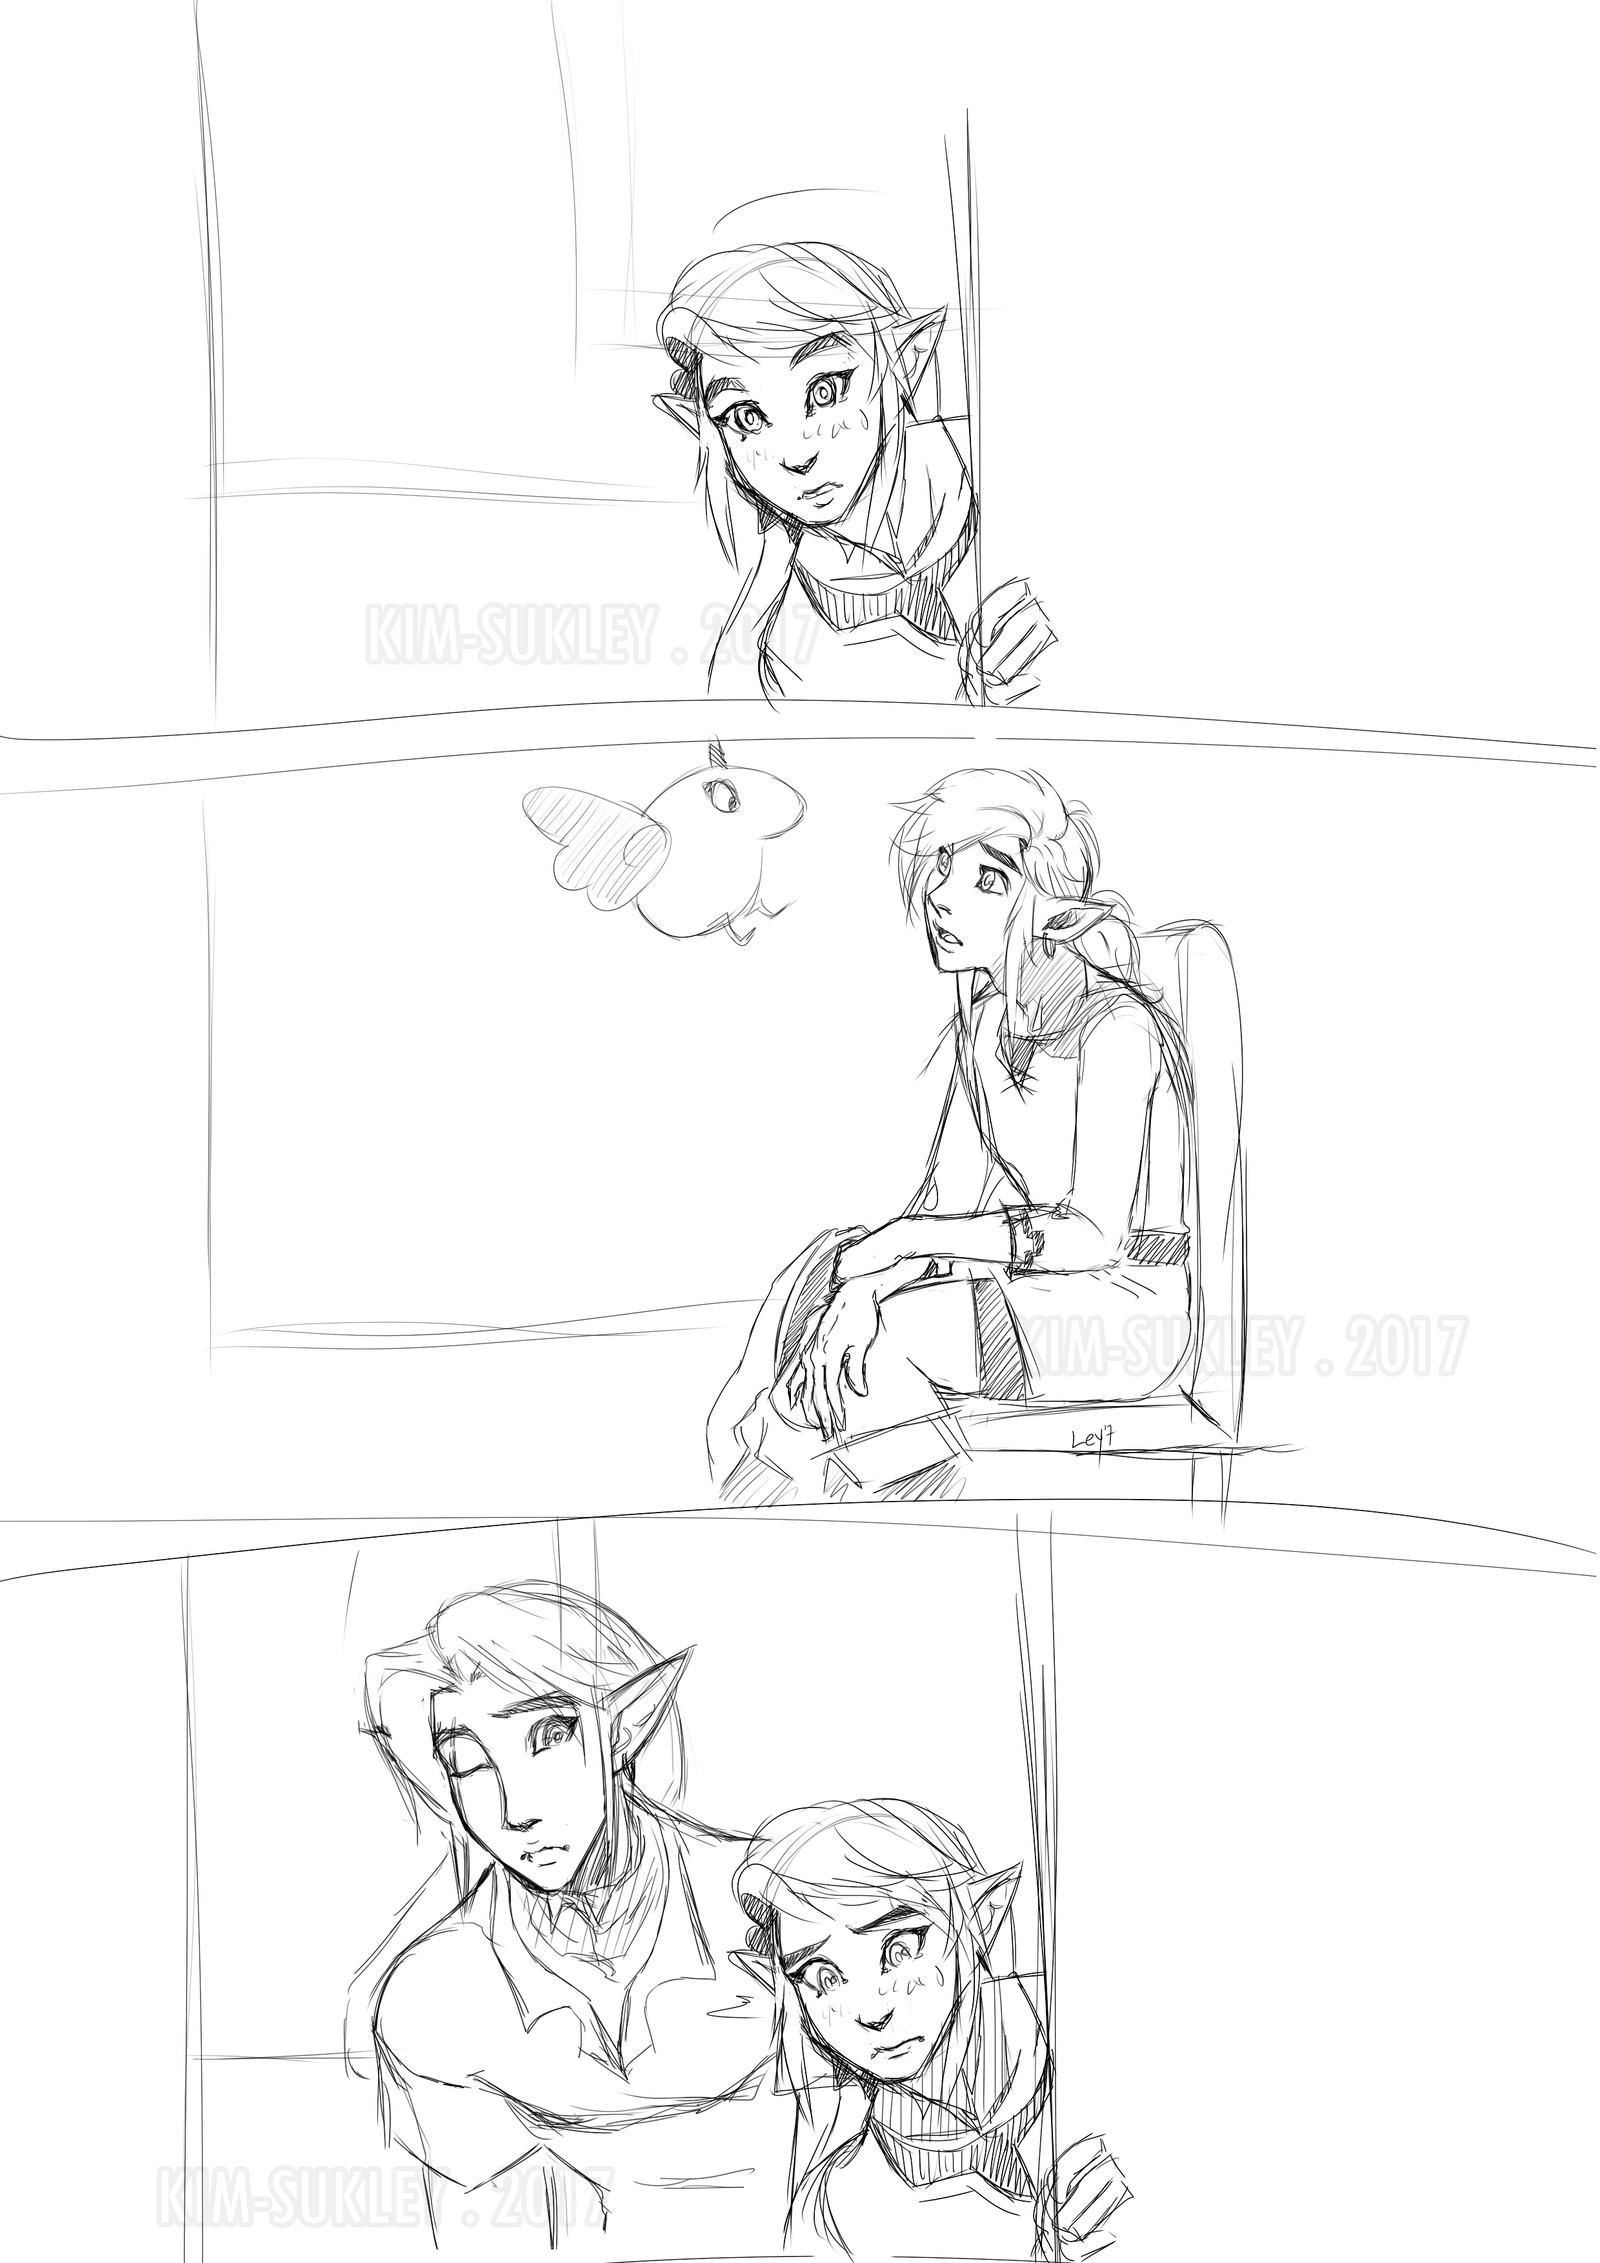 SHC- Twi discovers Arrow -sketch- by Kim-SukLey